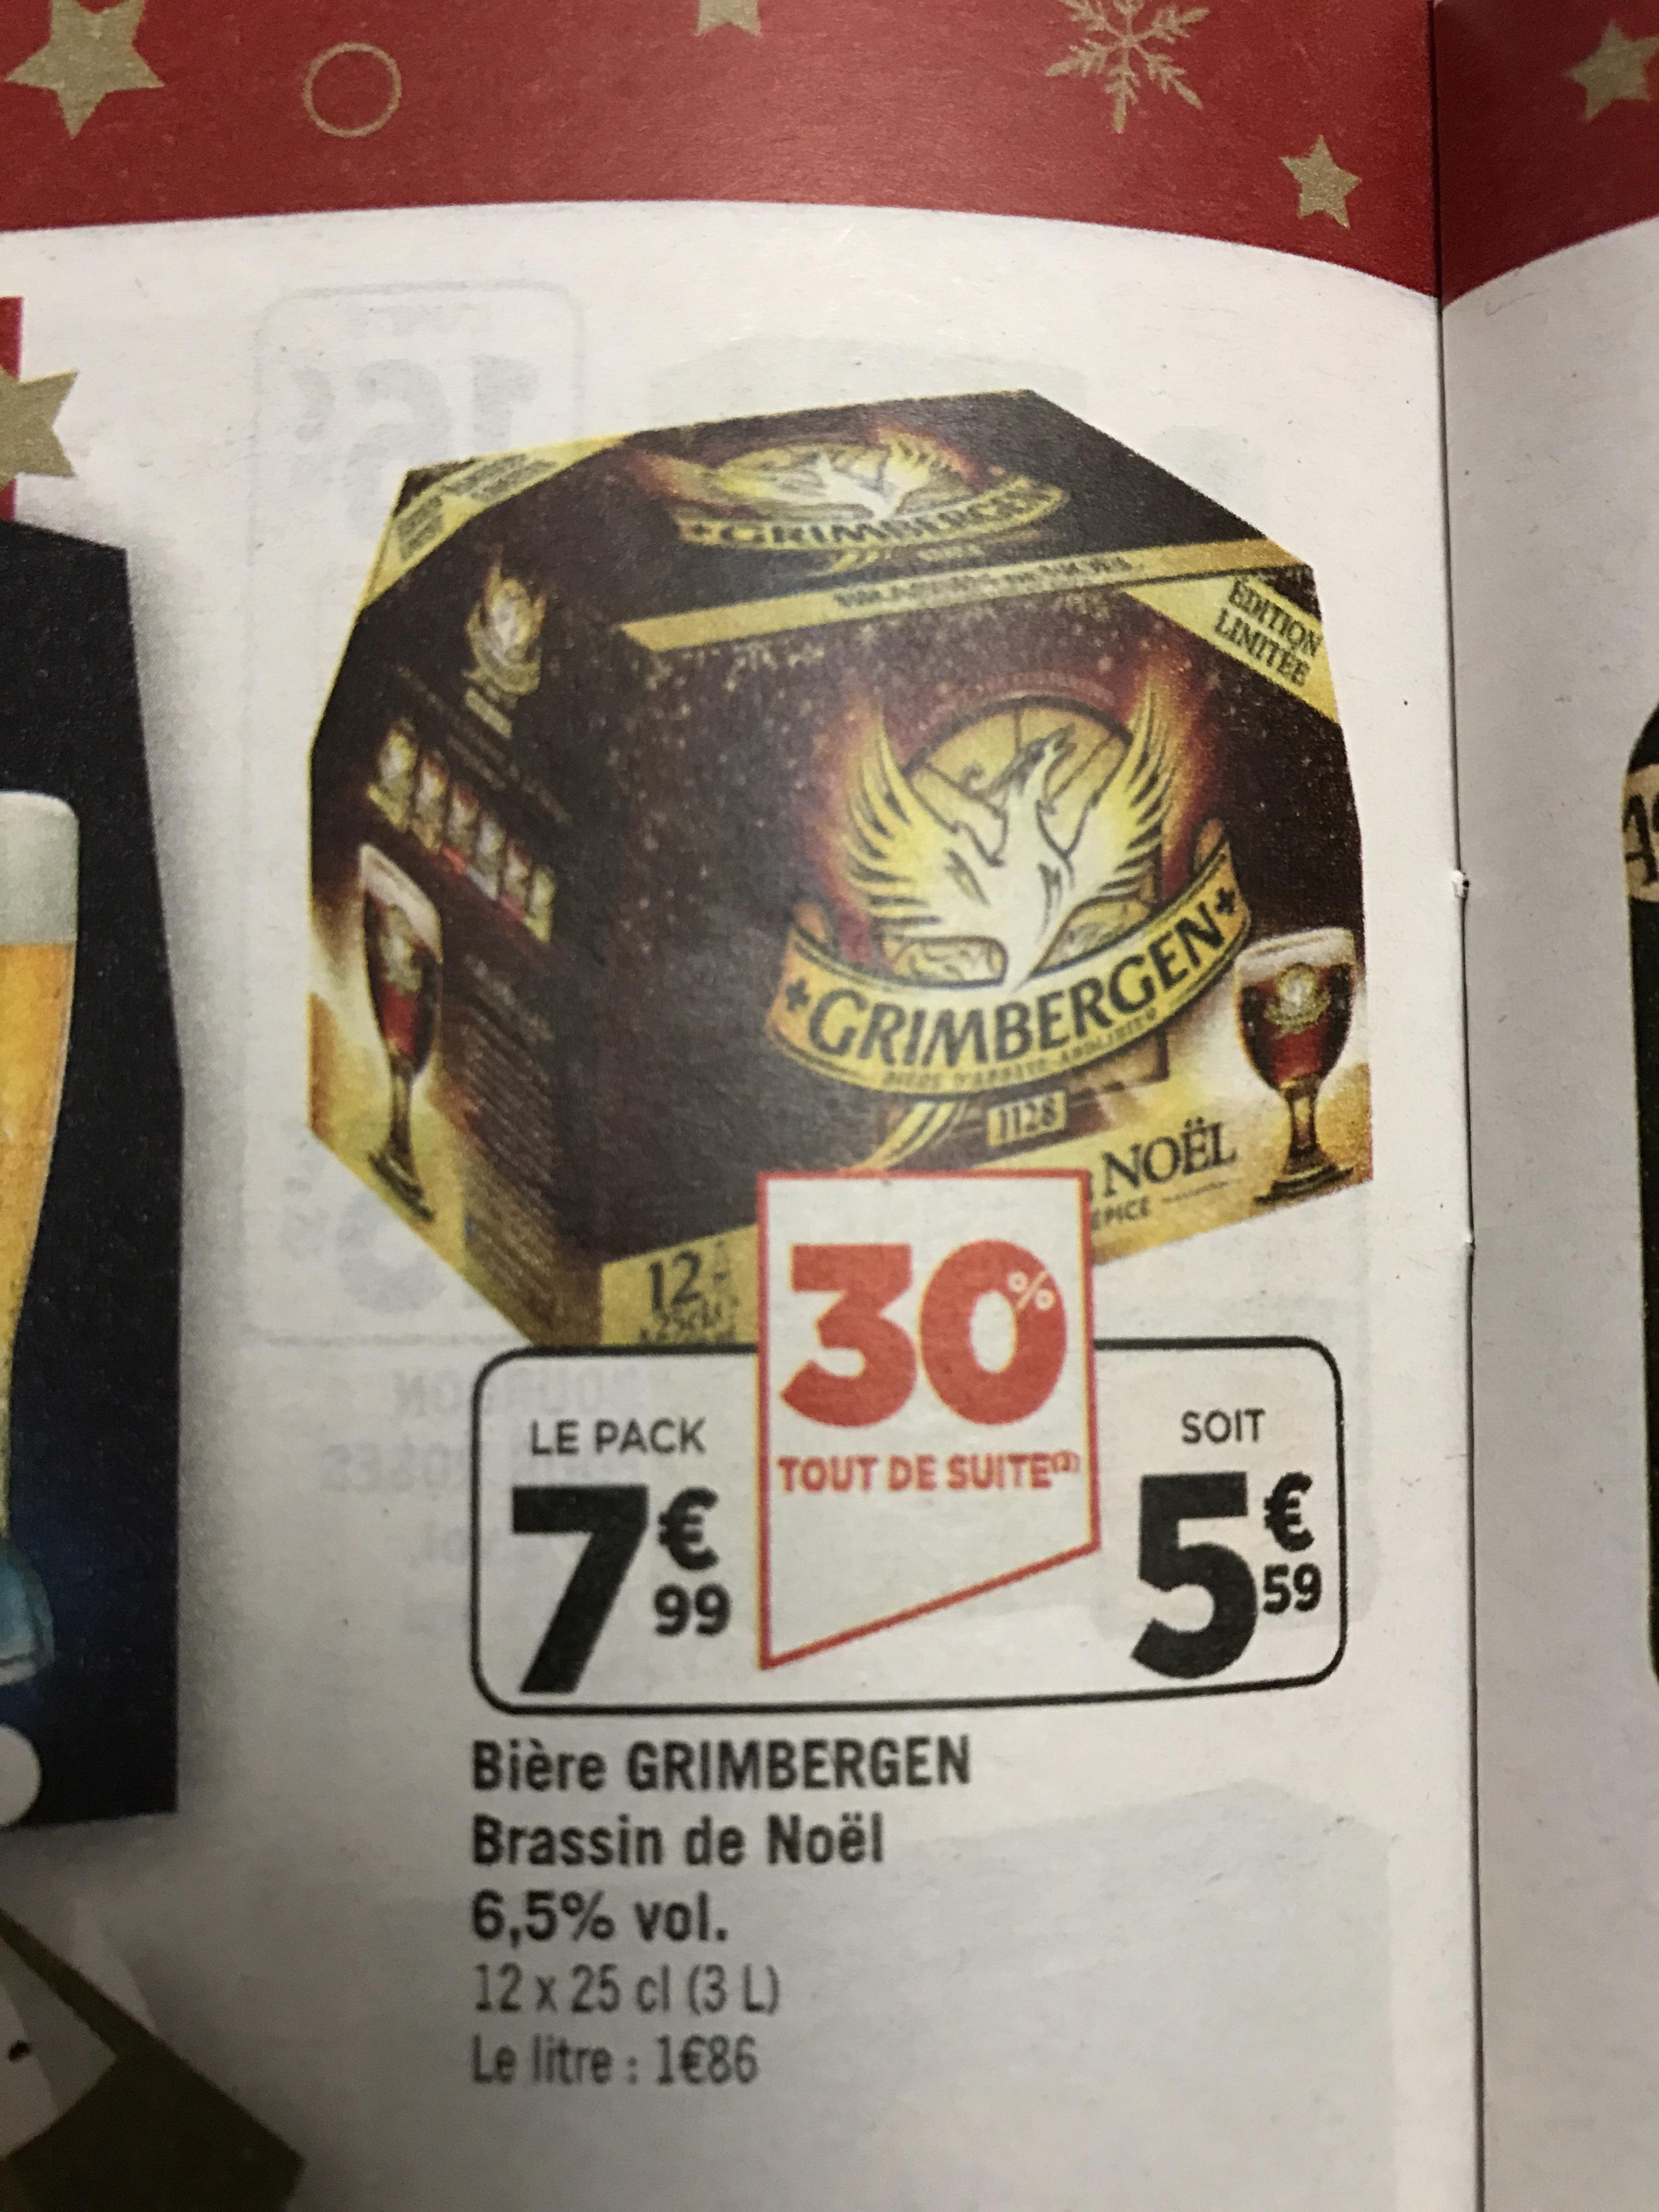 Pack de bières blondes Grimbergen - 12 x 25cl (via BDR)